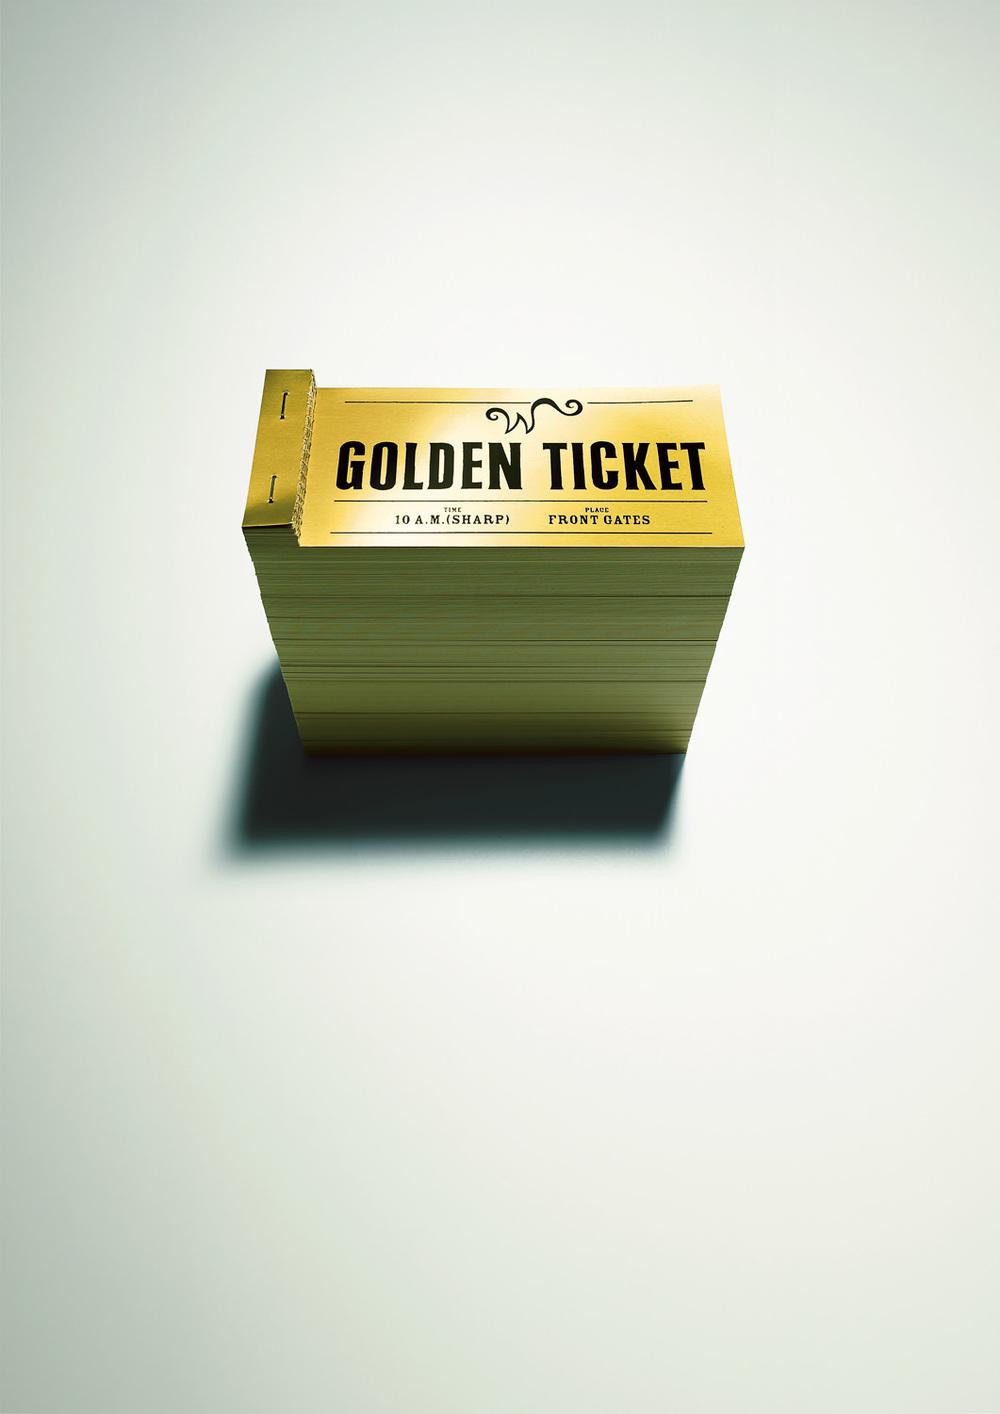 FOXTEL-GOLDEN-TICKET-STEPHEN-STEWART.jpg